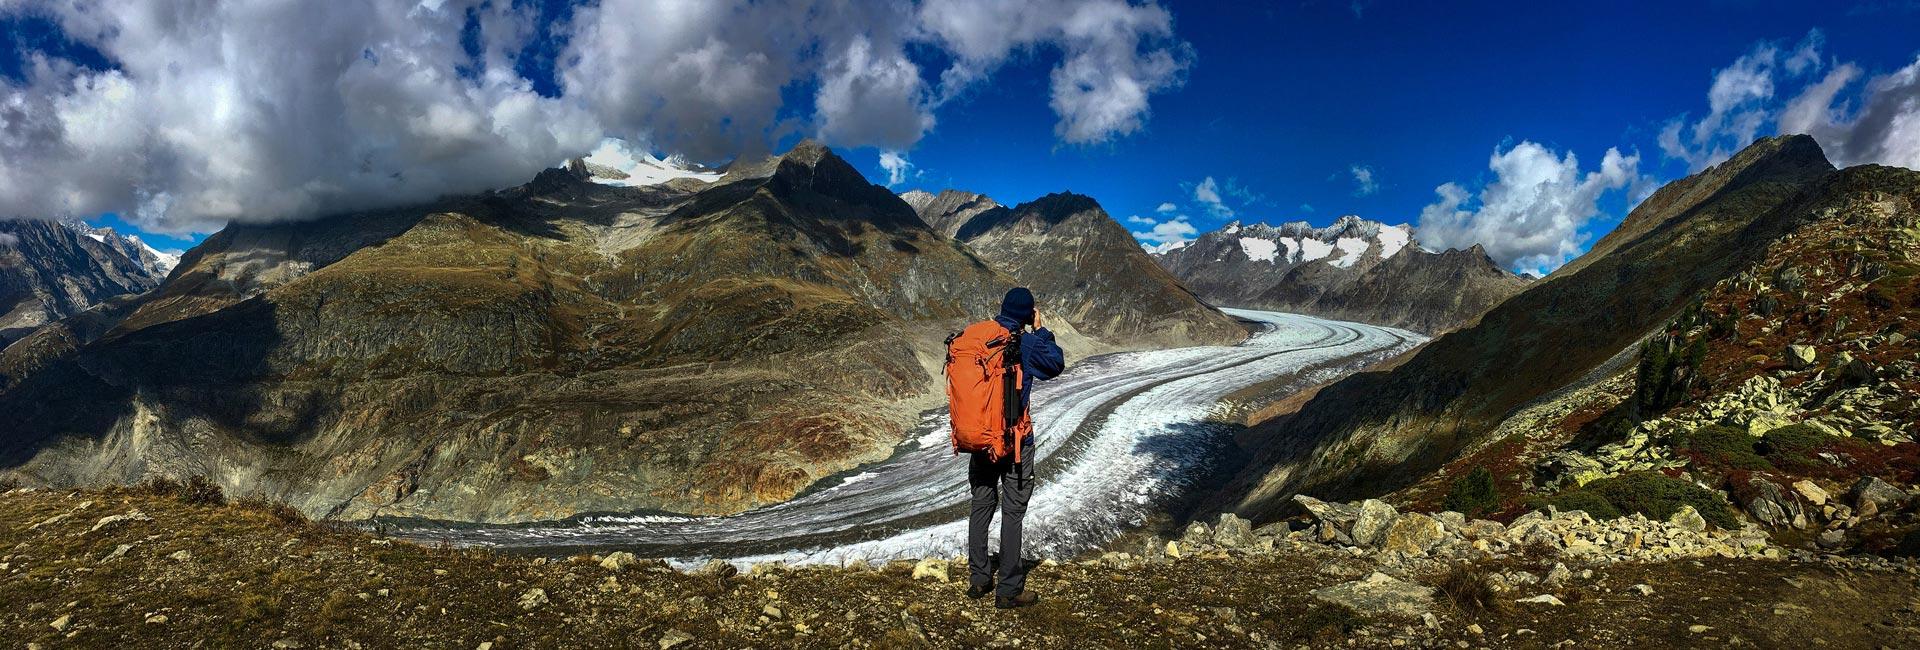 צילום נוף על רקע קרחון אלץ' בשוויץ - Wild Travel